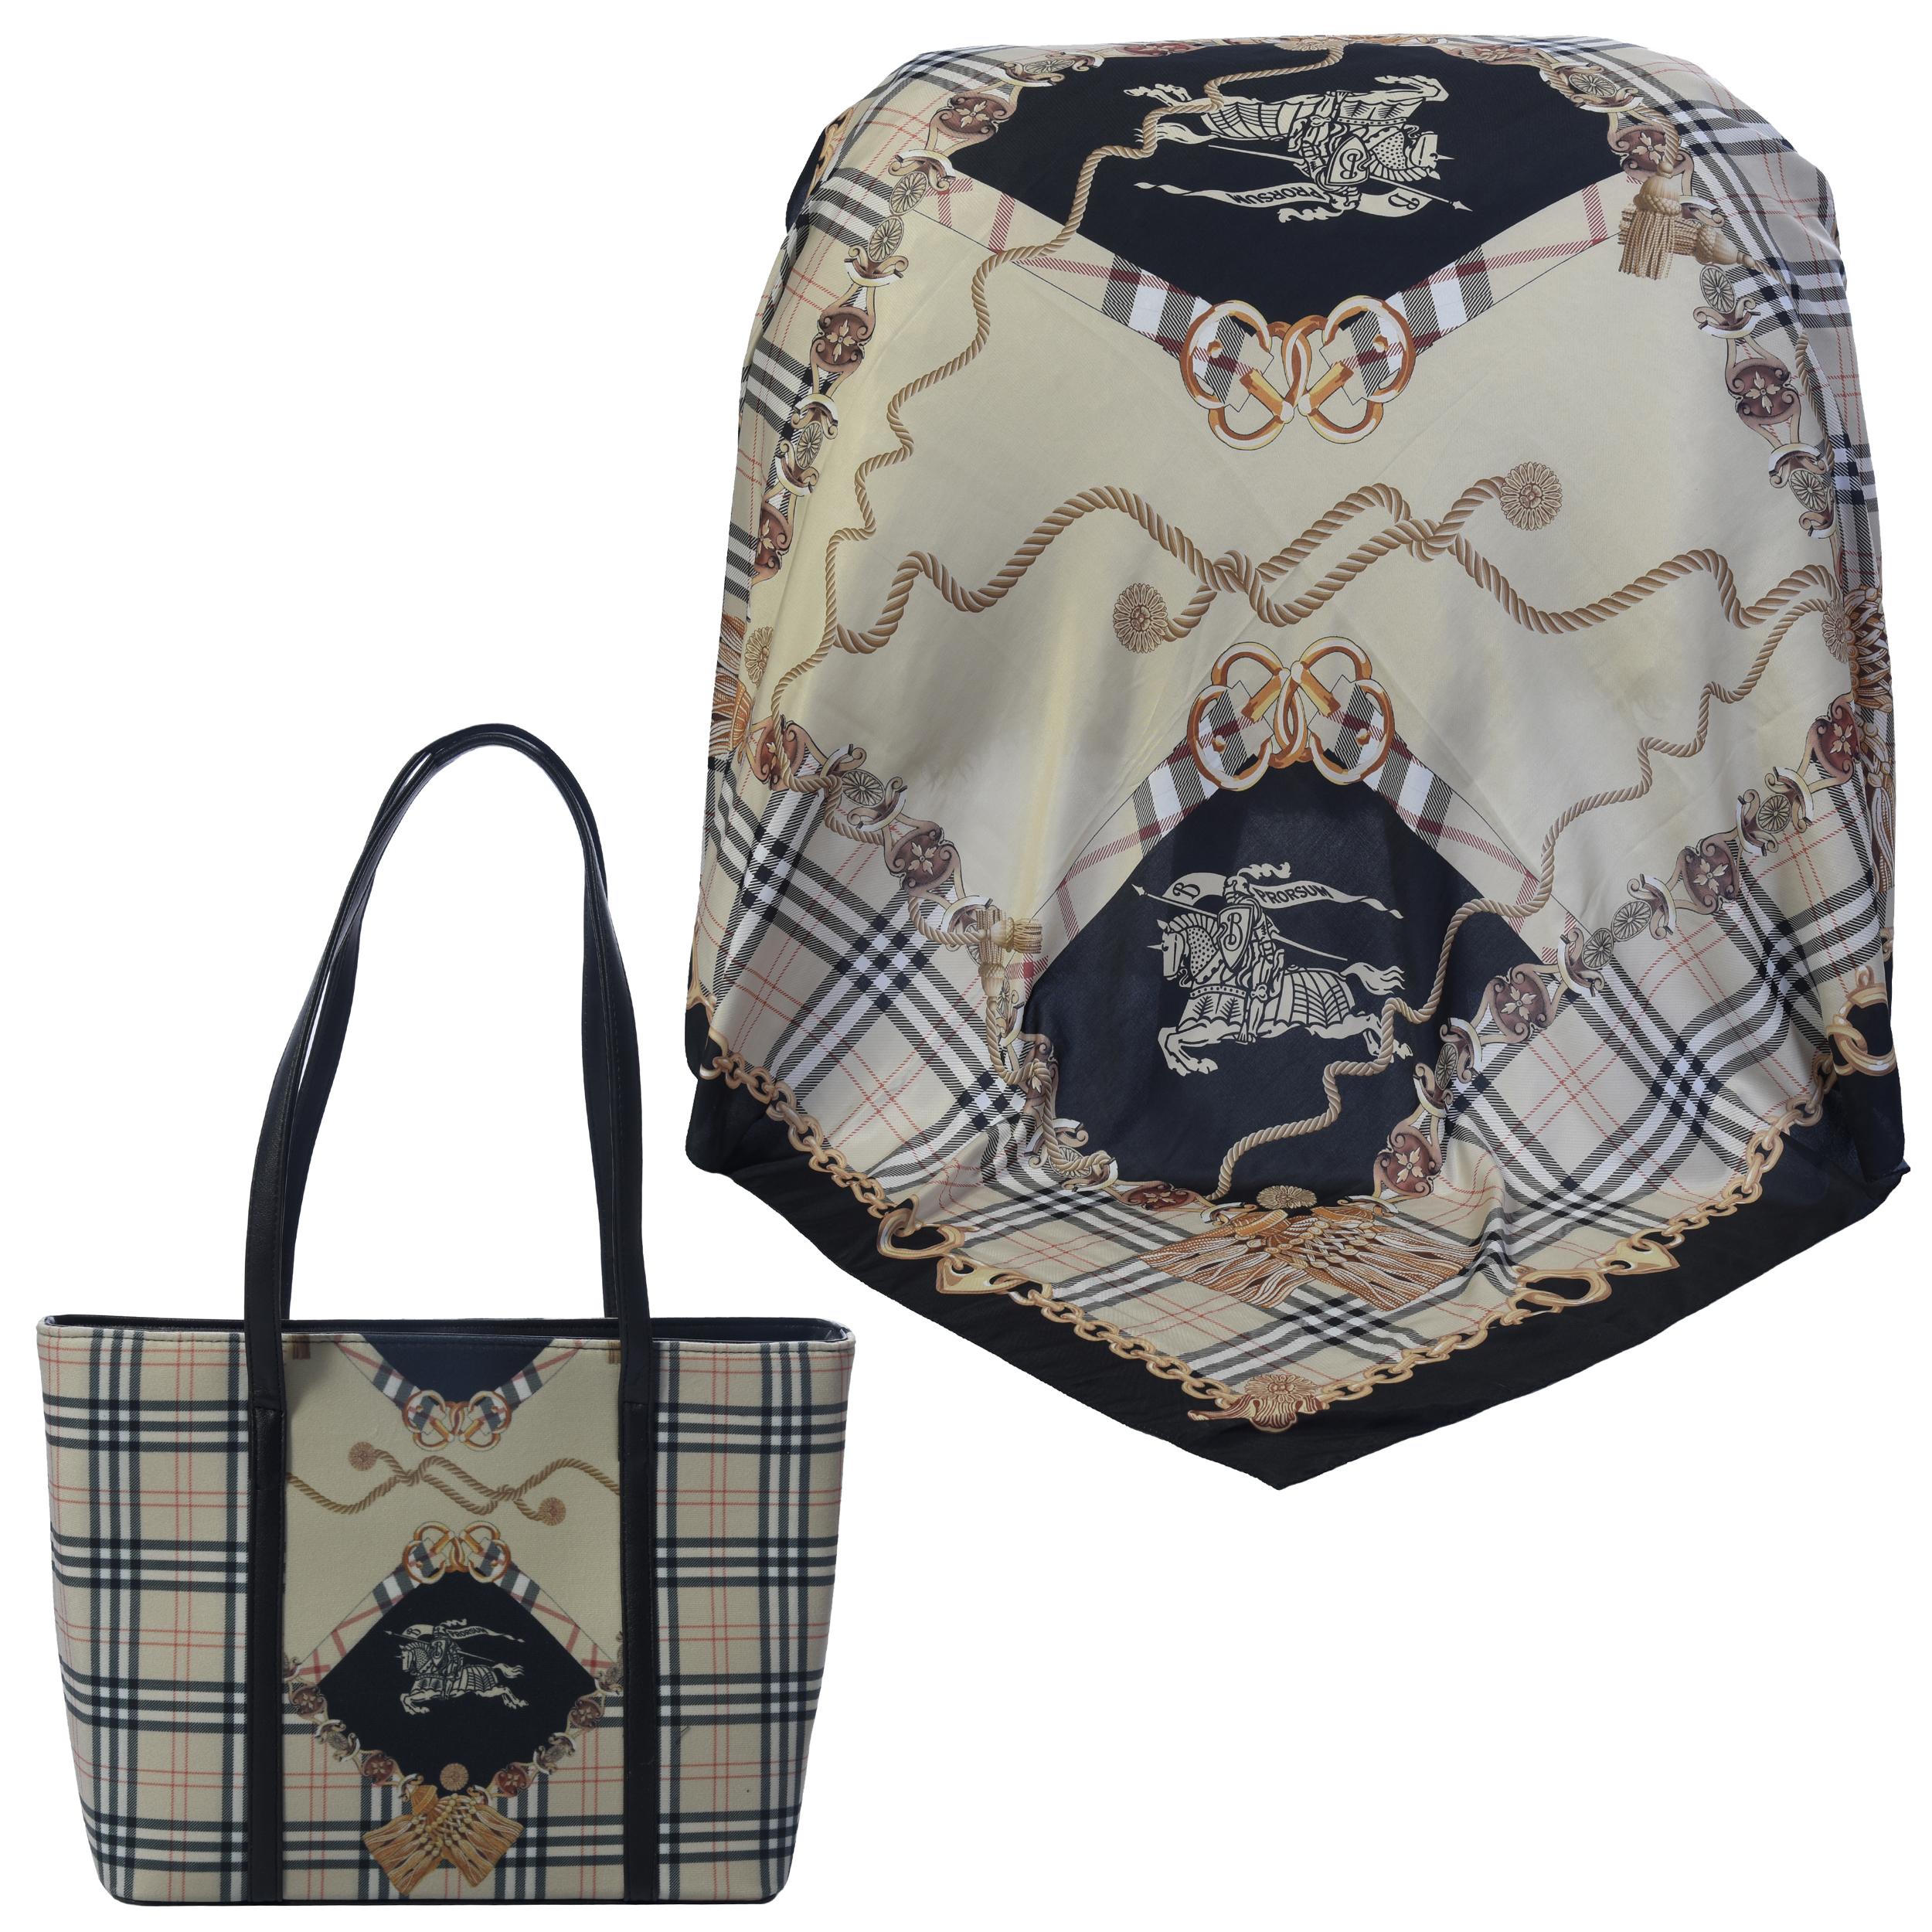 ست کیف و روسری زنانه کد 990211-T1